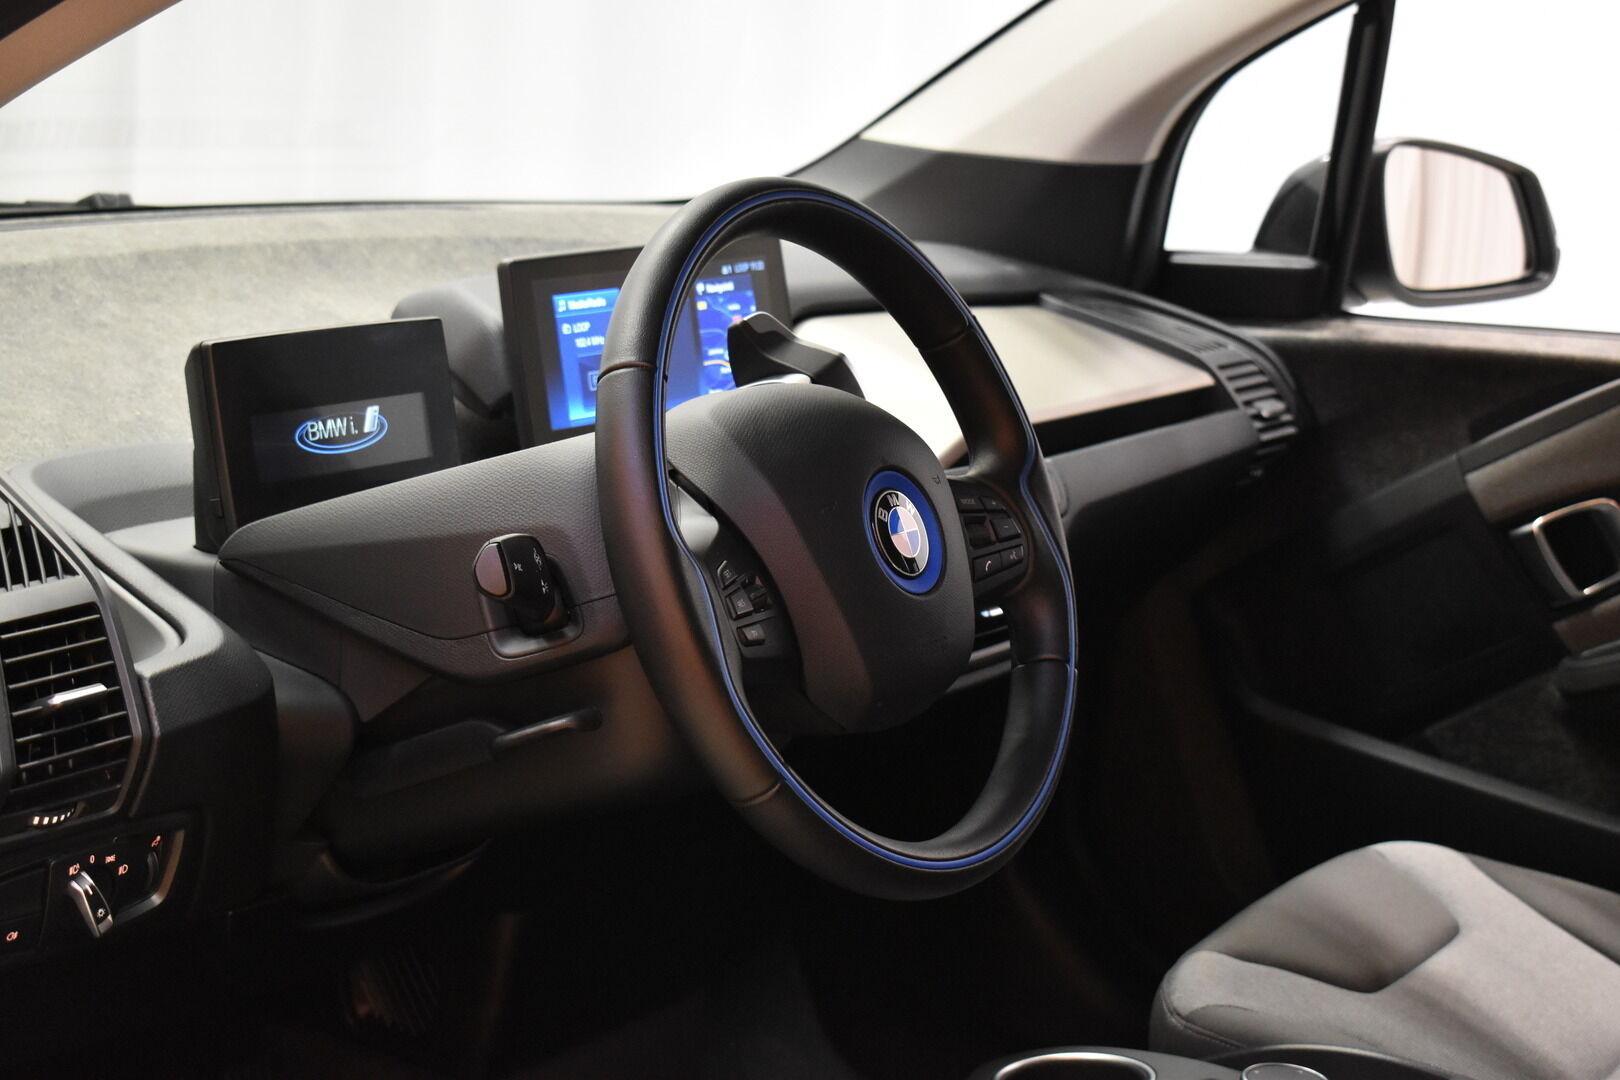 Monikäyttö, BMW i3 – LAH-81120, kuva 7